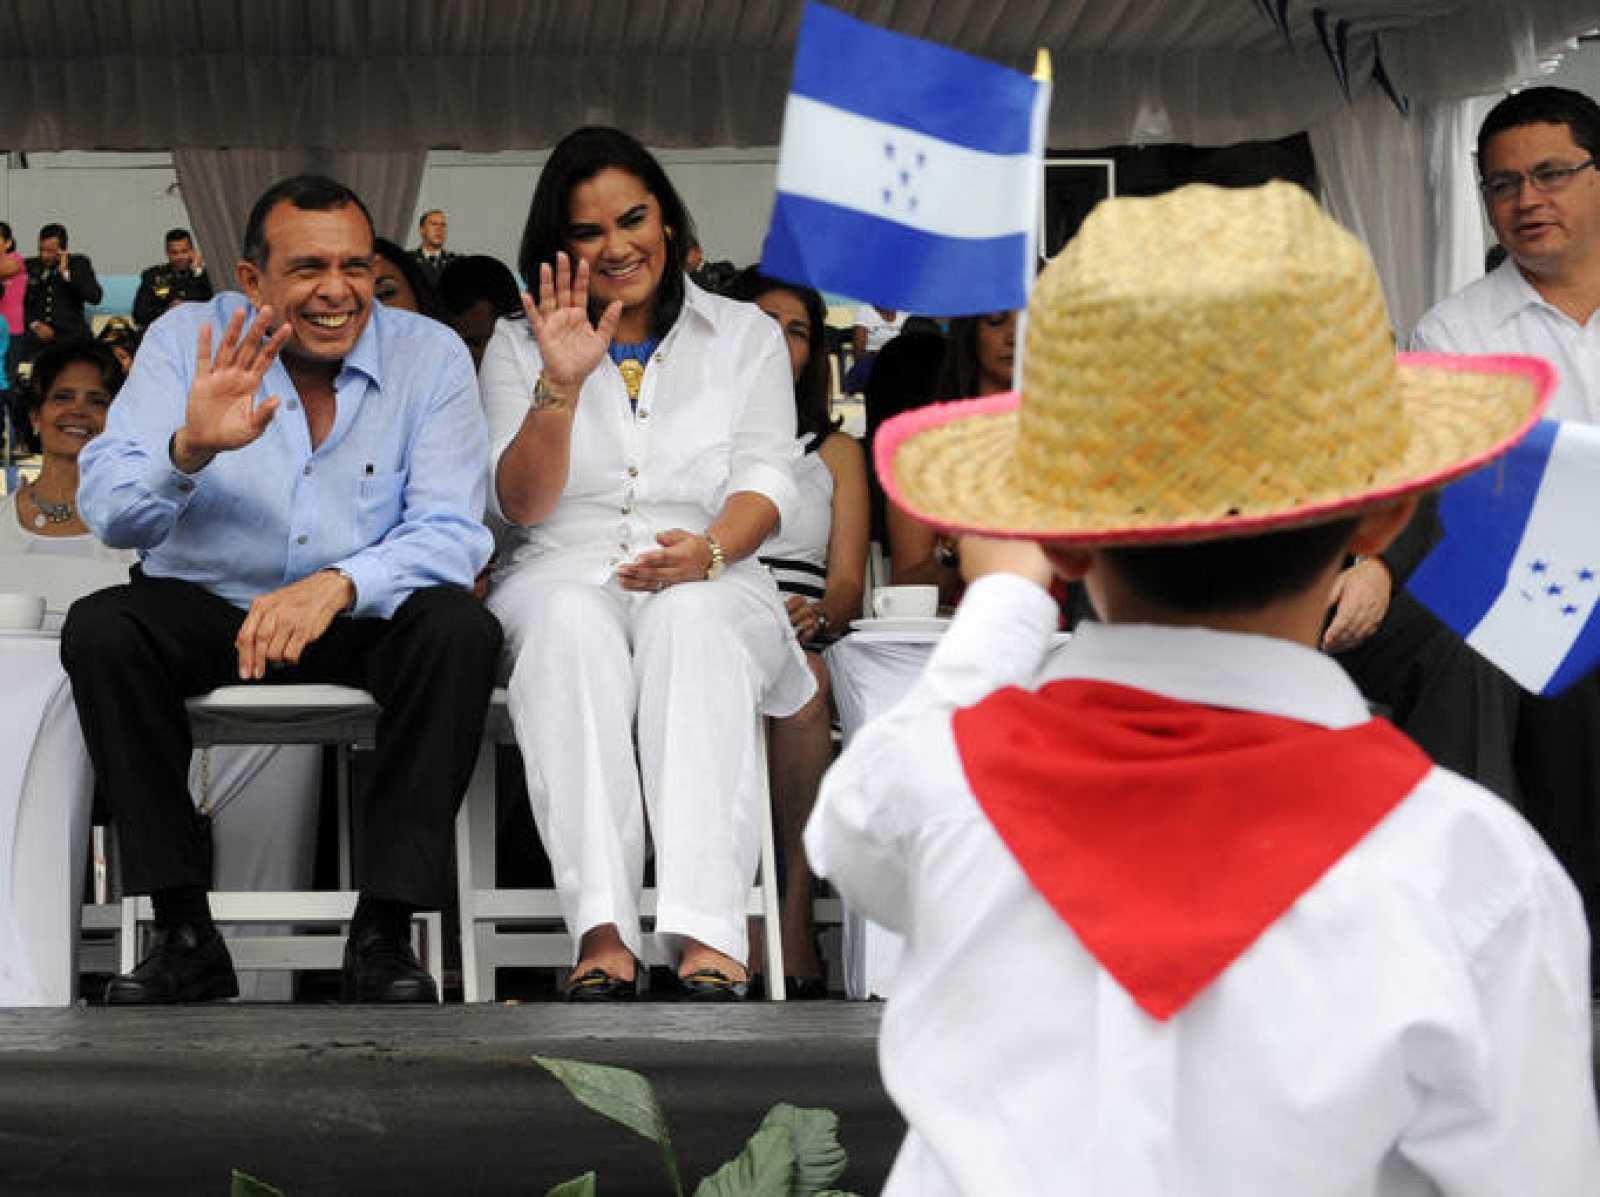 El presidente hondureño, Porfirio Lobo, y su esposa, Rosa, durante el desfile del Día de la Independencia, el 15 de septiembre